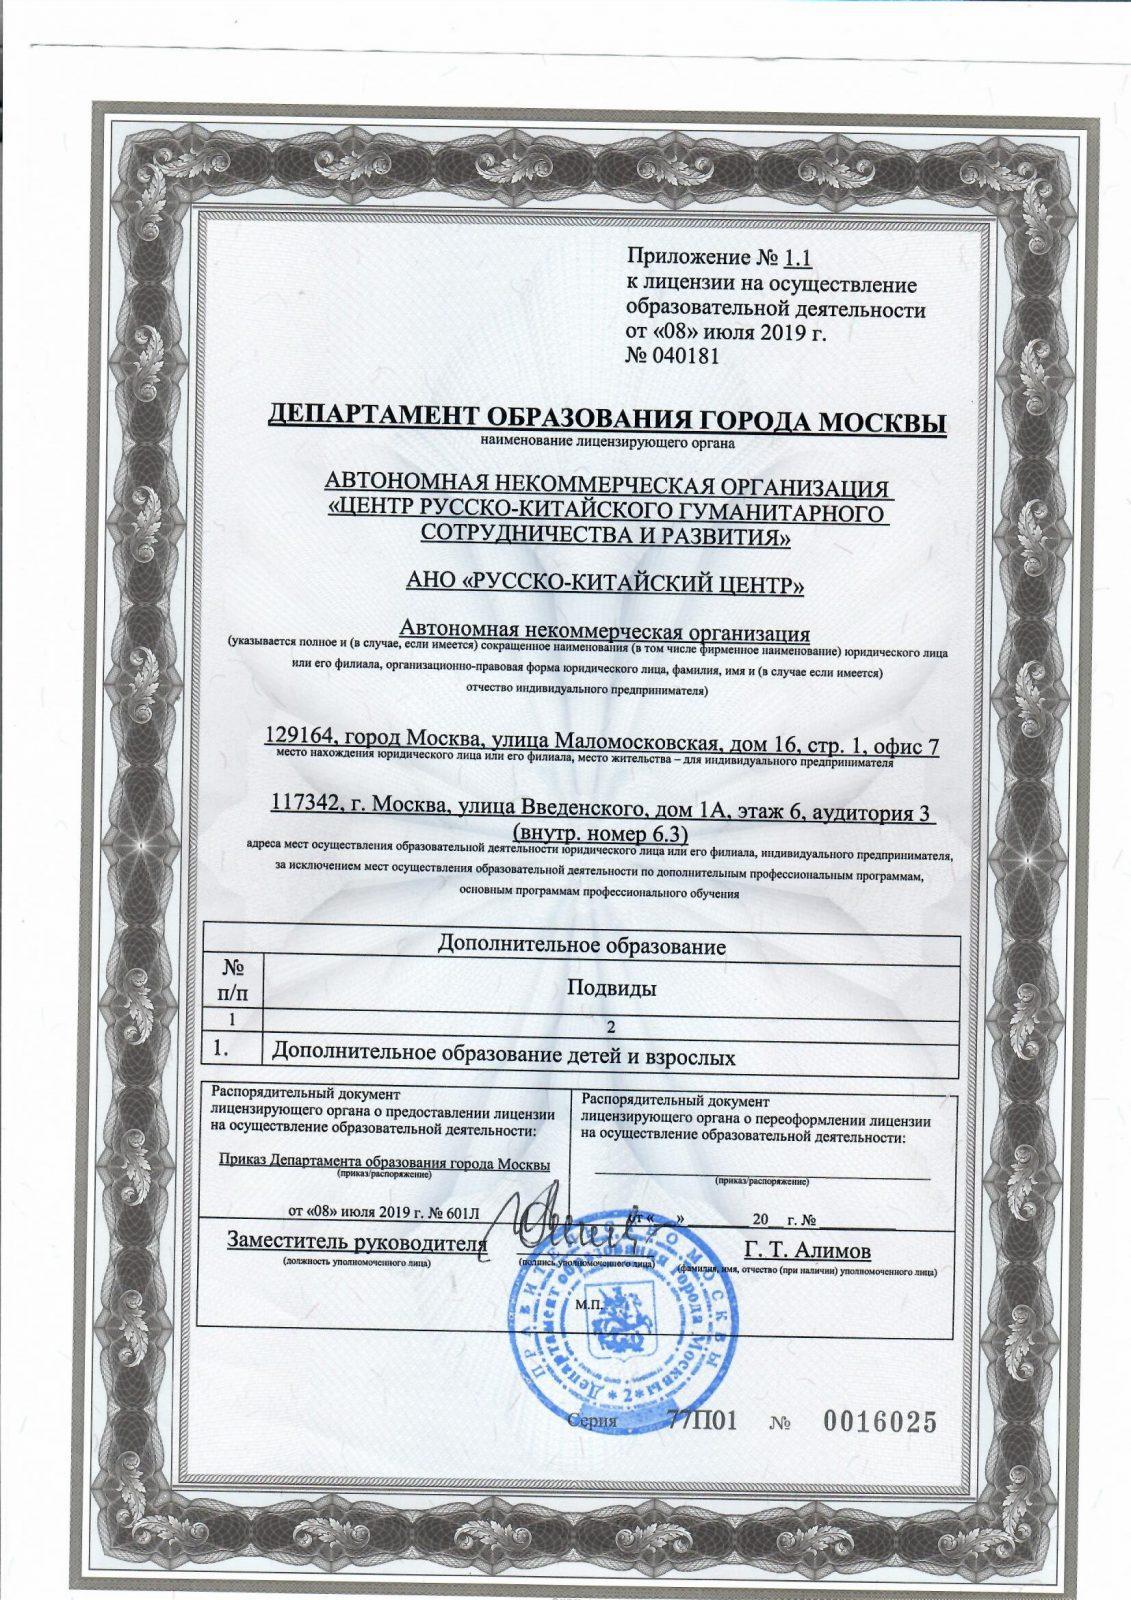 ЛИЦЕНЗИЯ Центр русско-китайского гуманитарного сотрудничества и развития